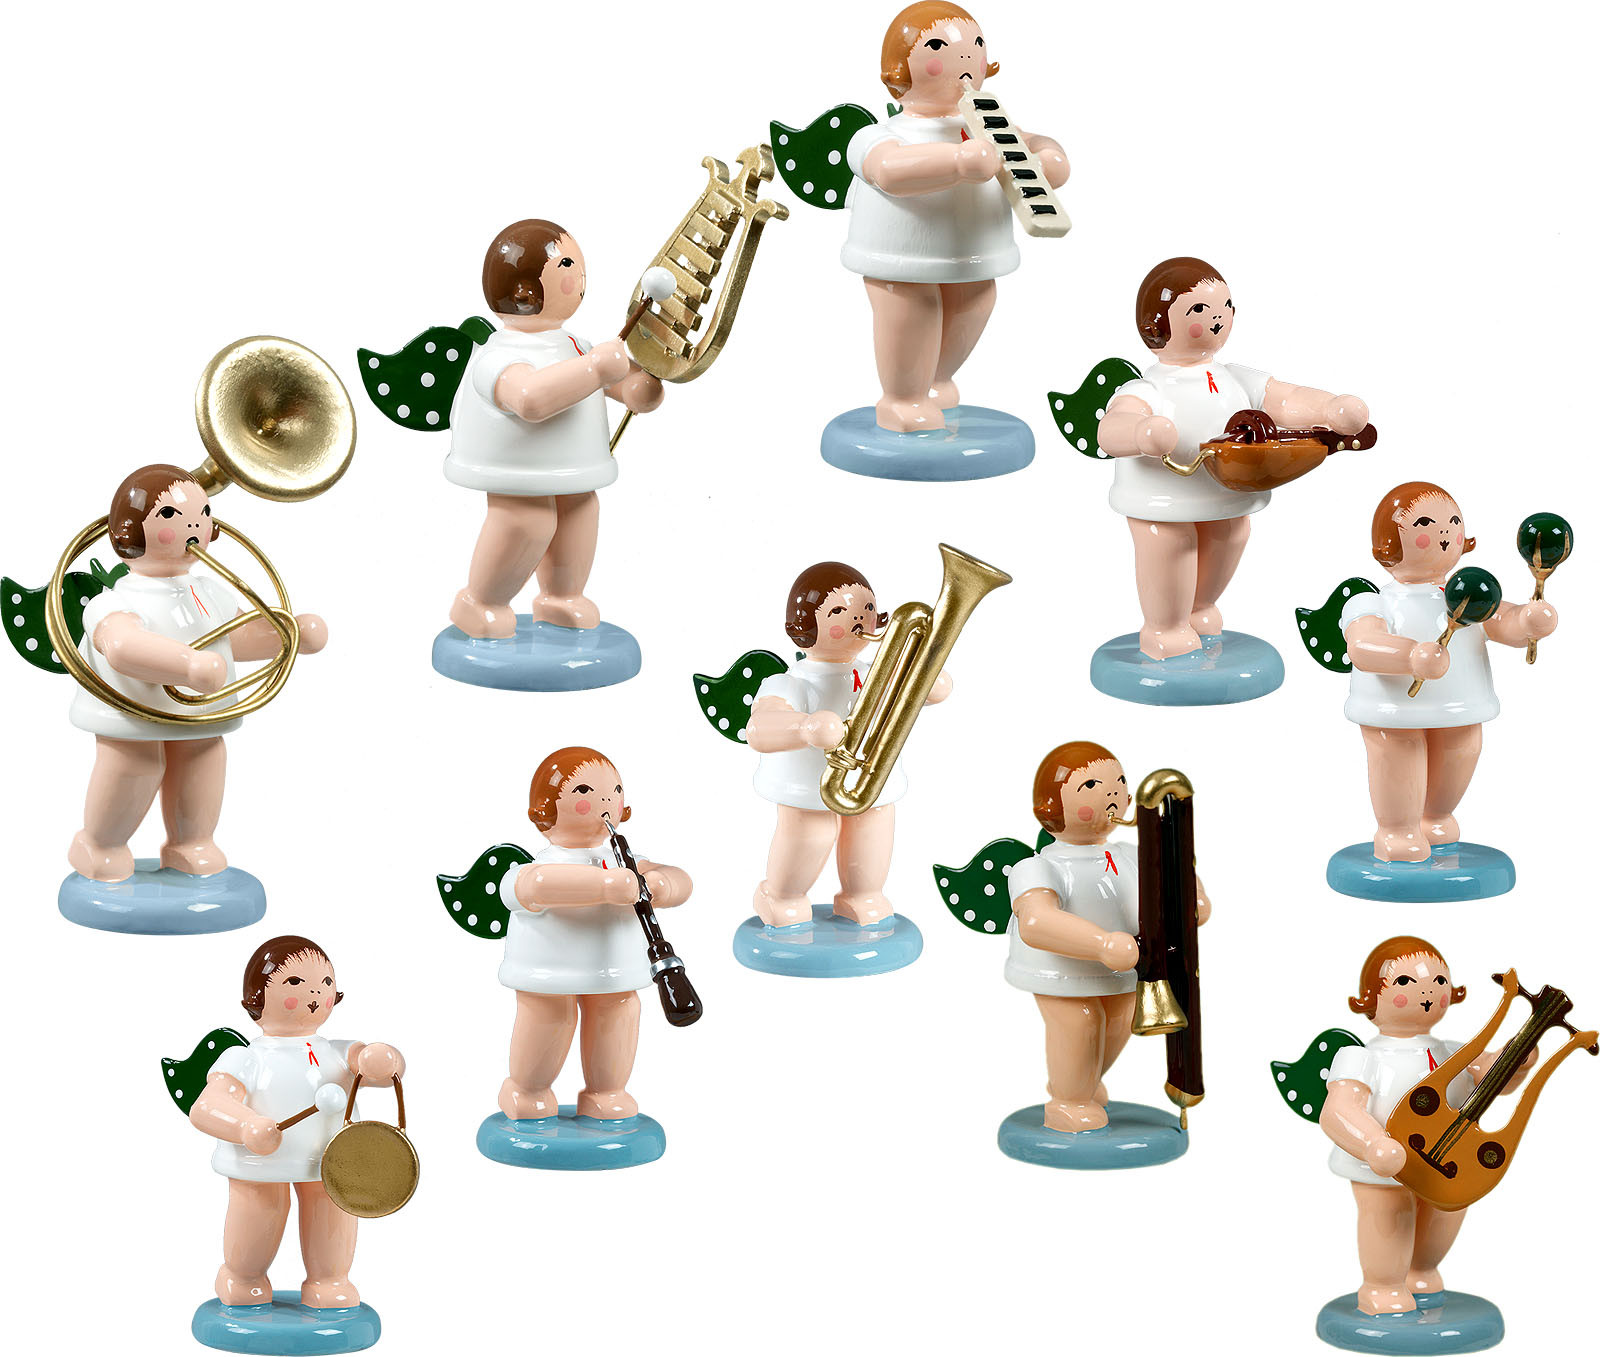 Engelmusikanten 10-teilig, Variante 7 - ohne Krone